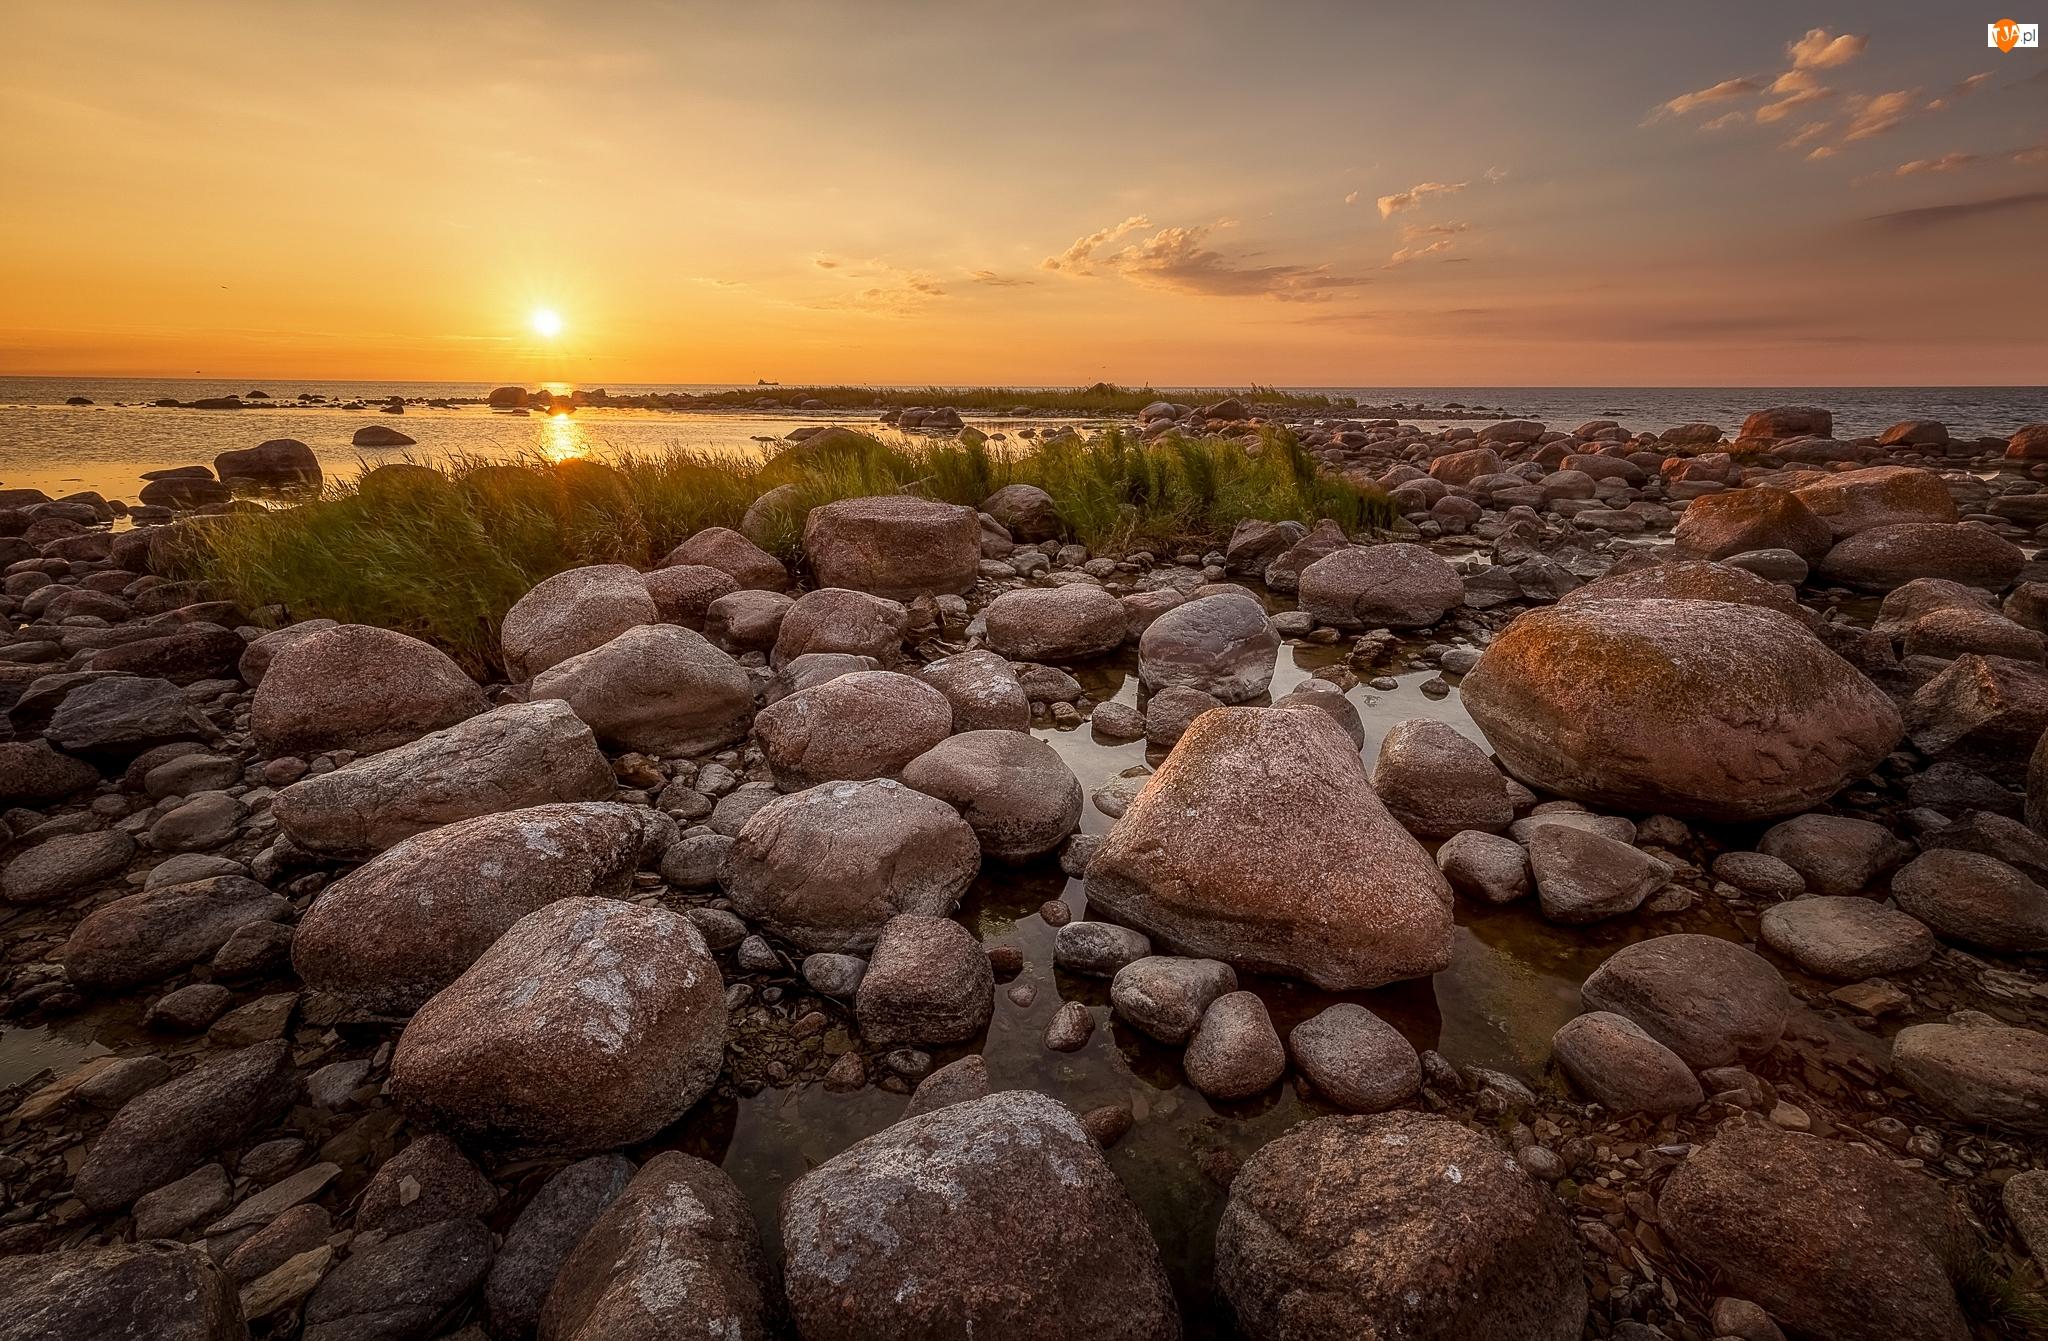 Brzeg, Rośliny, Morze, Zachód słońca, Kamienie